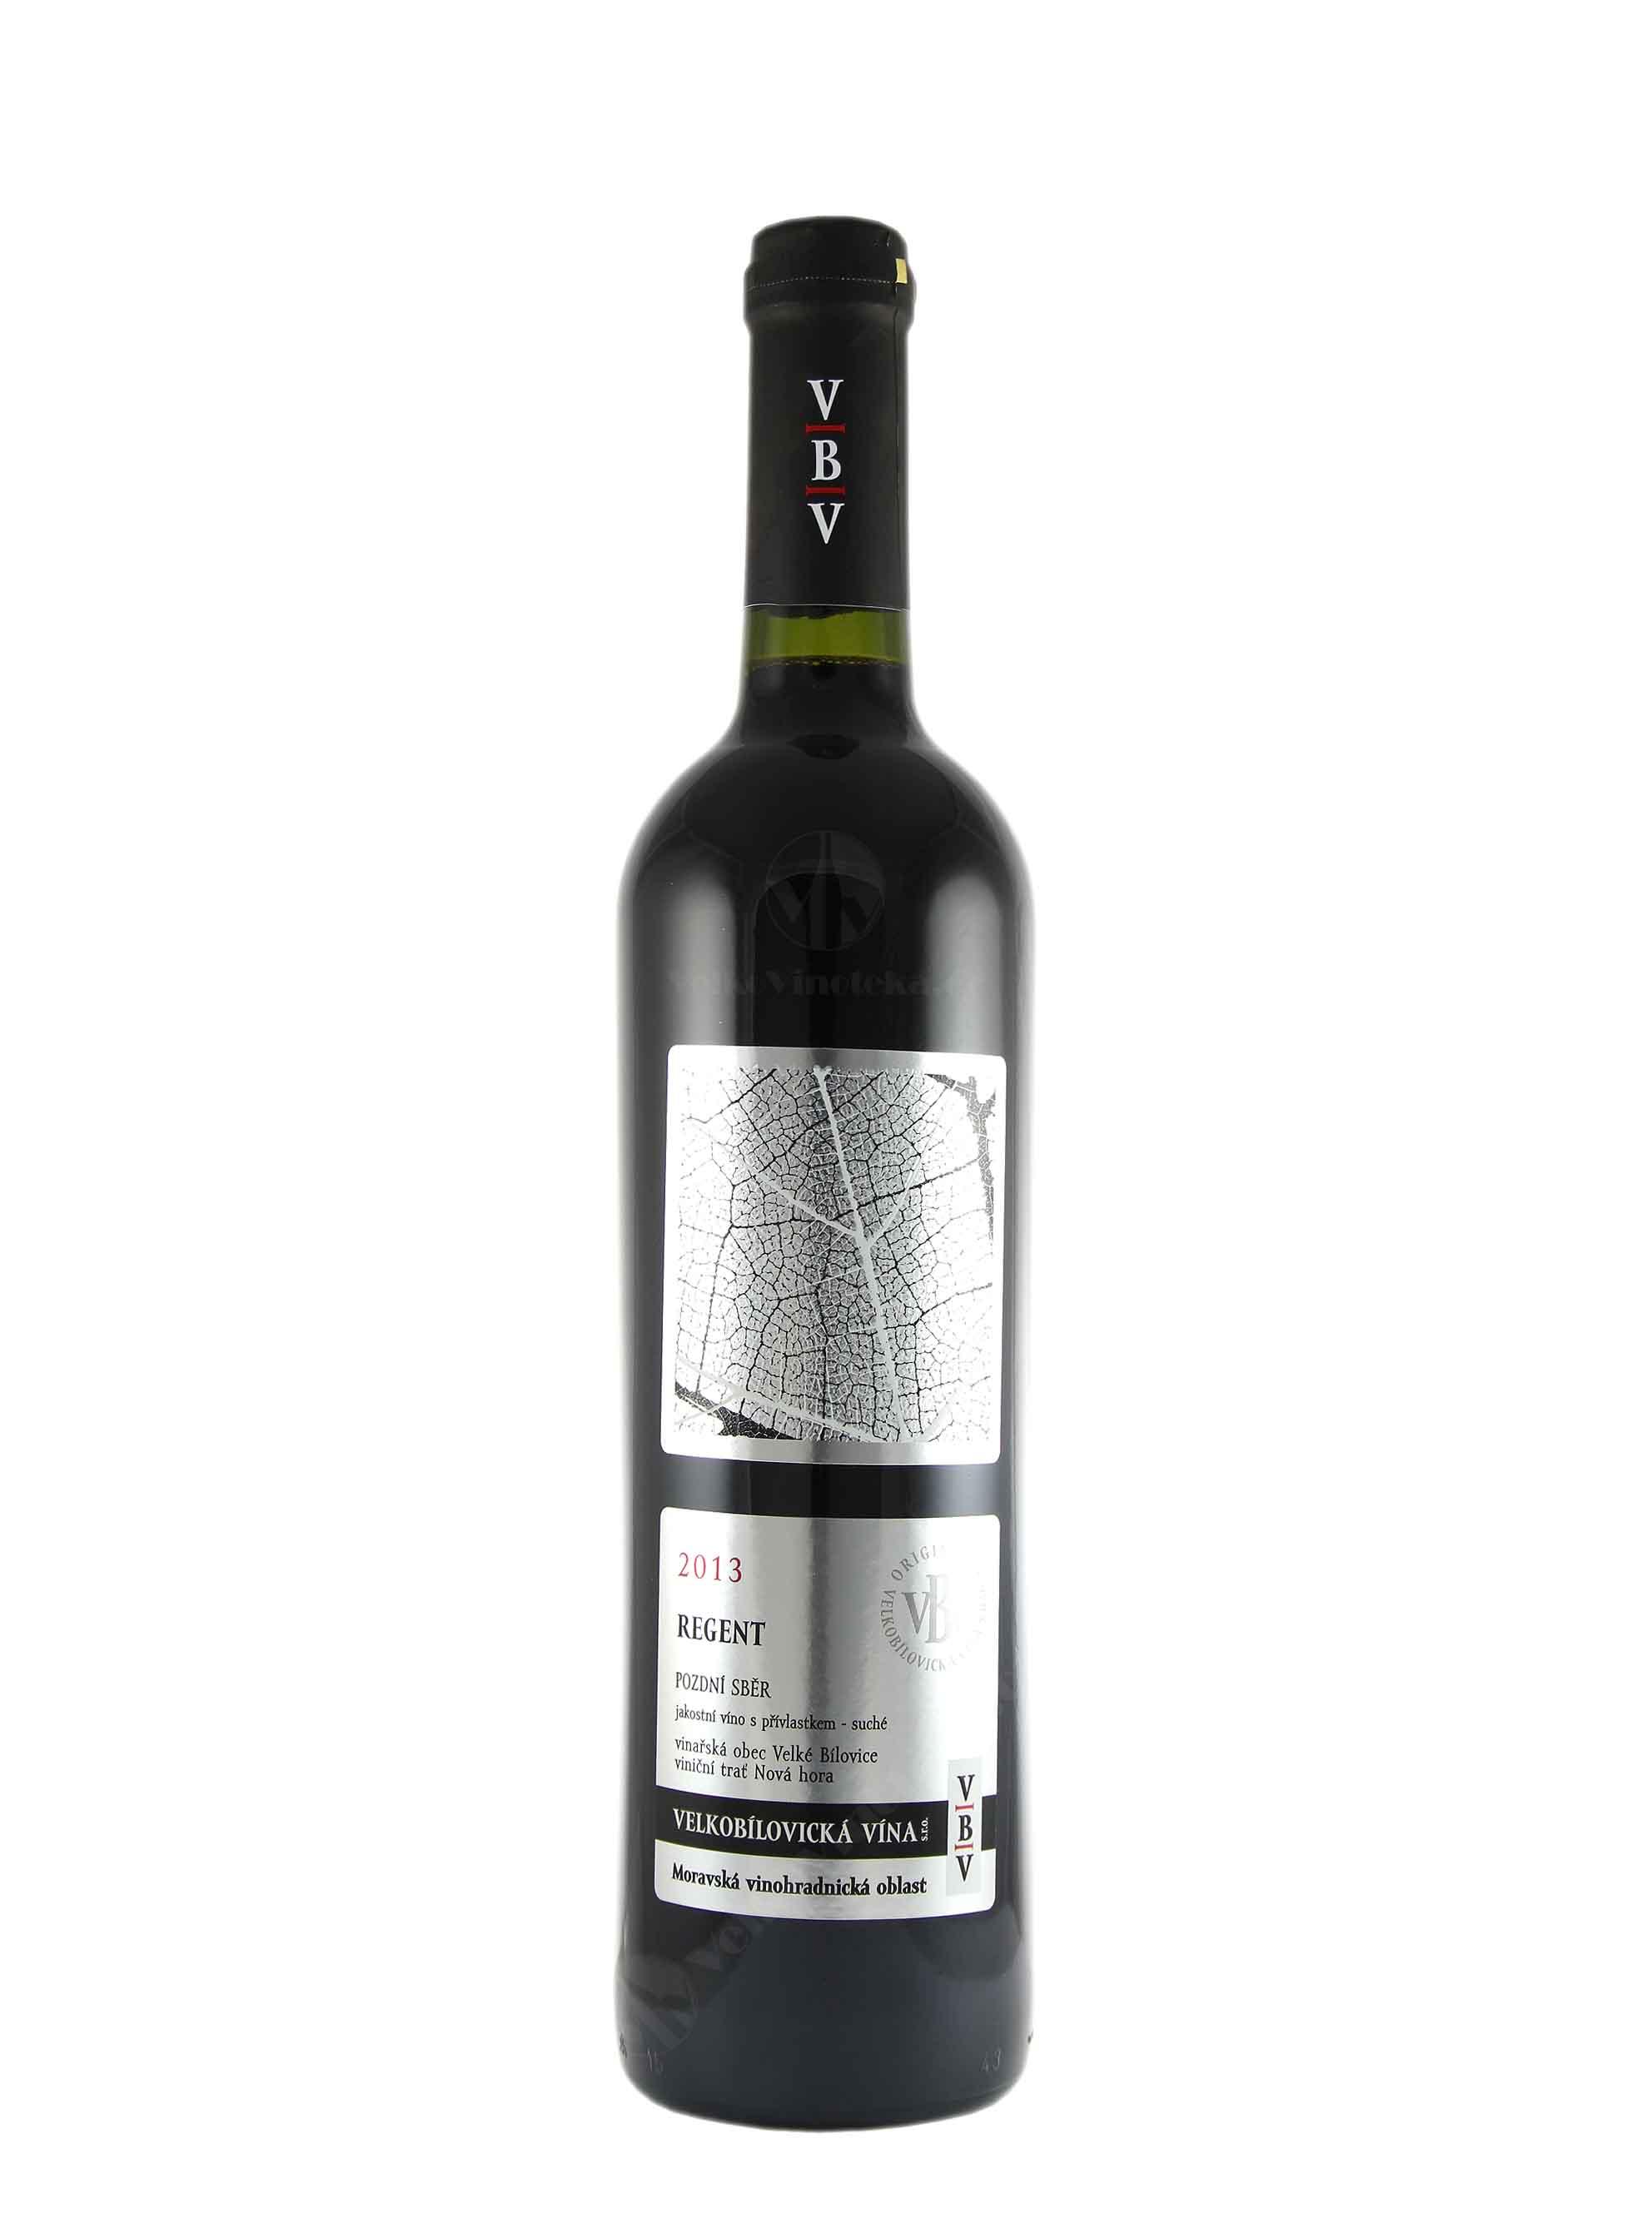 Regent, Pozdní sběr, 2013, Velkobílovická vína, 0.75 l